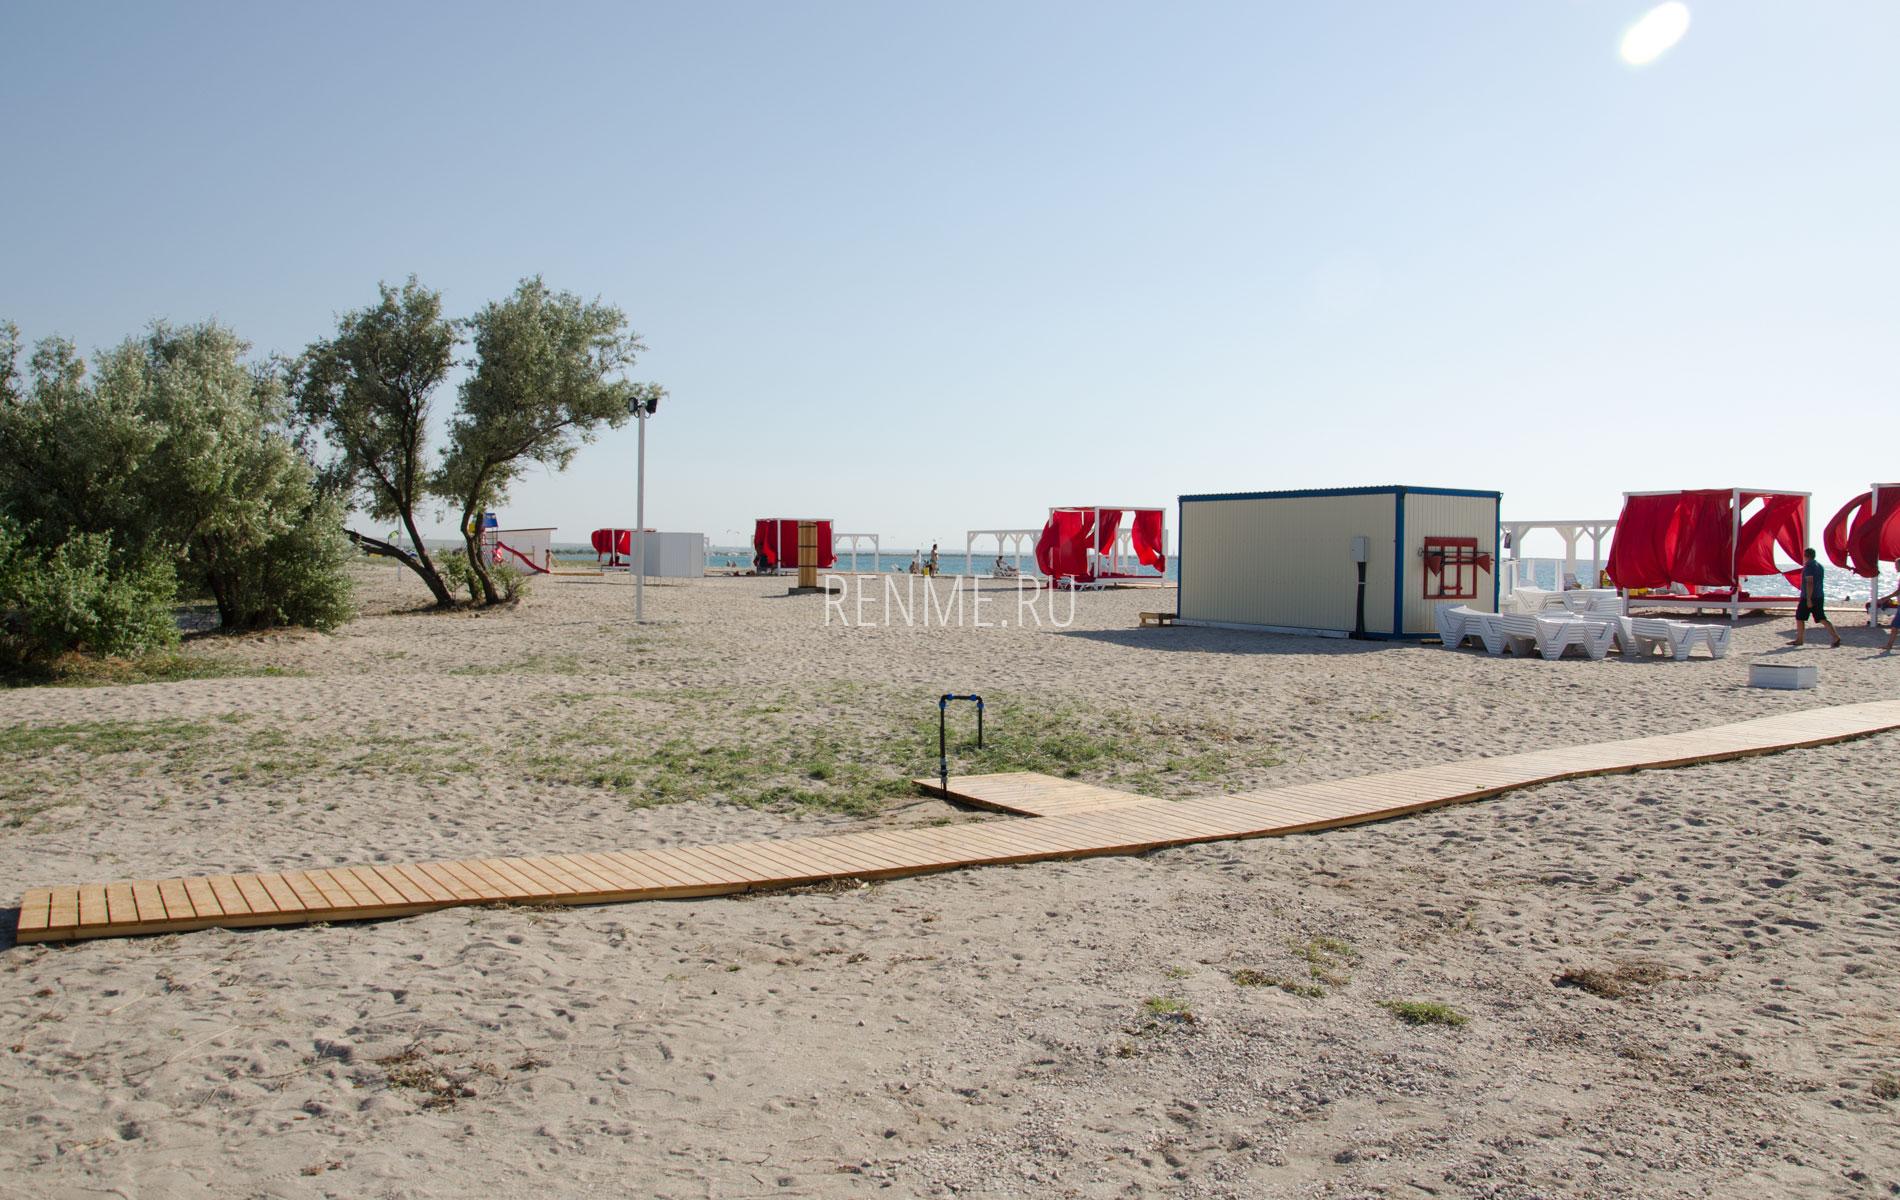 Лучший пляж в Межводном 2019. Фото Межводного